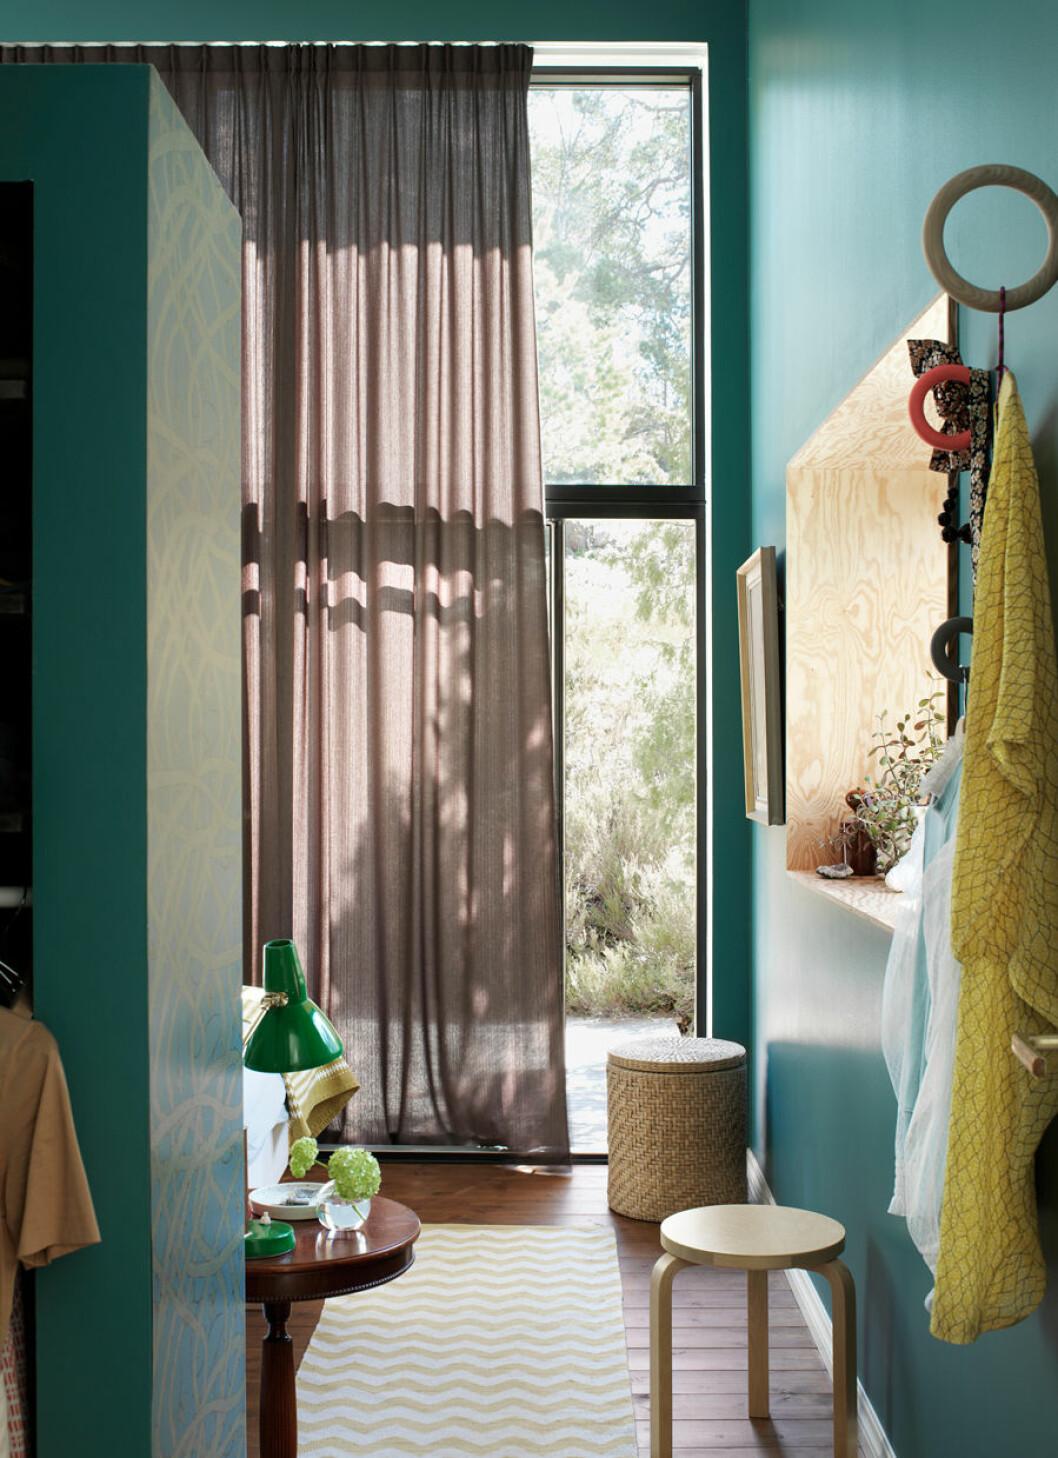 Generösa fönster bidrar med vackert ljusinsläpp. Pall, Alvar Aalto, Artek. Krokar, Hay, och den gröna lampan är ett gammalt loppisfynd.